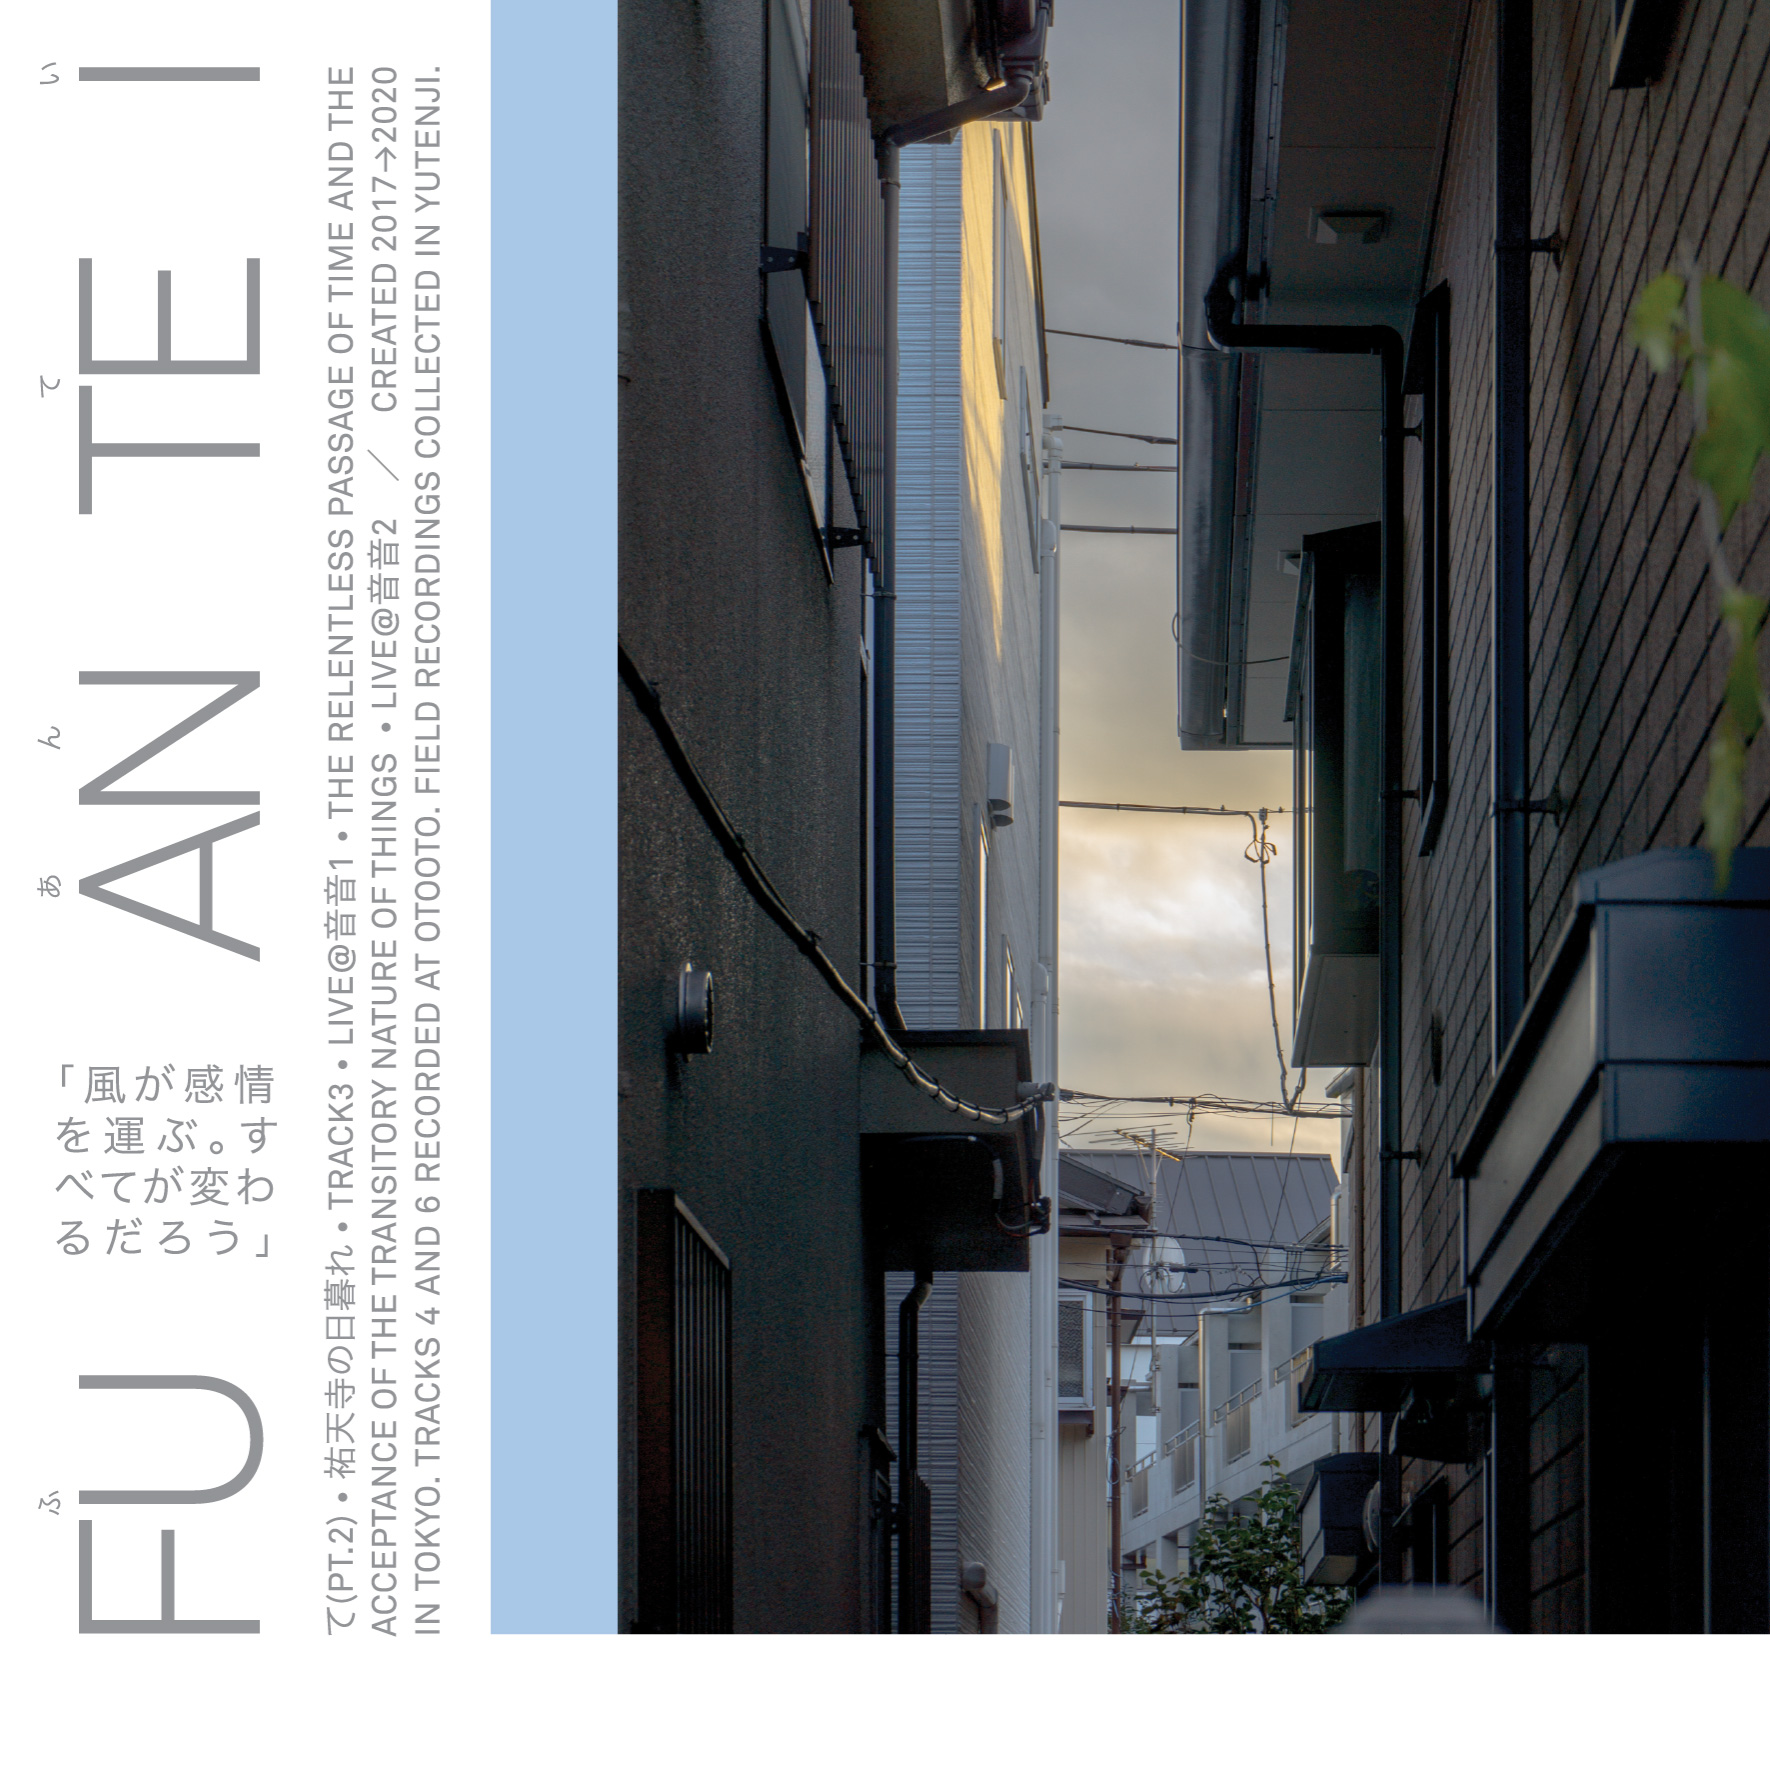 Fuantei — Kaze ga kanjō o hakobu. Subete ga kawarudarou